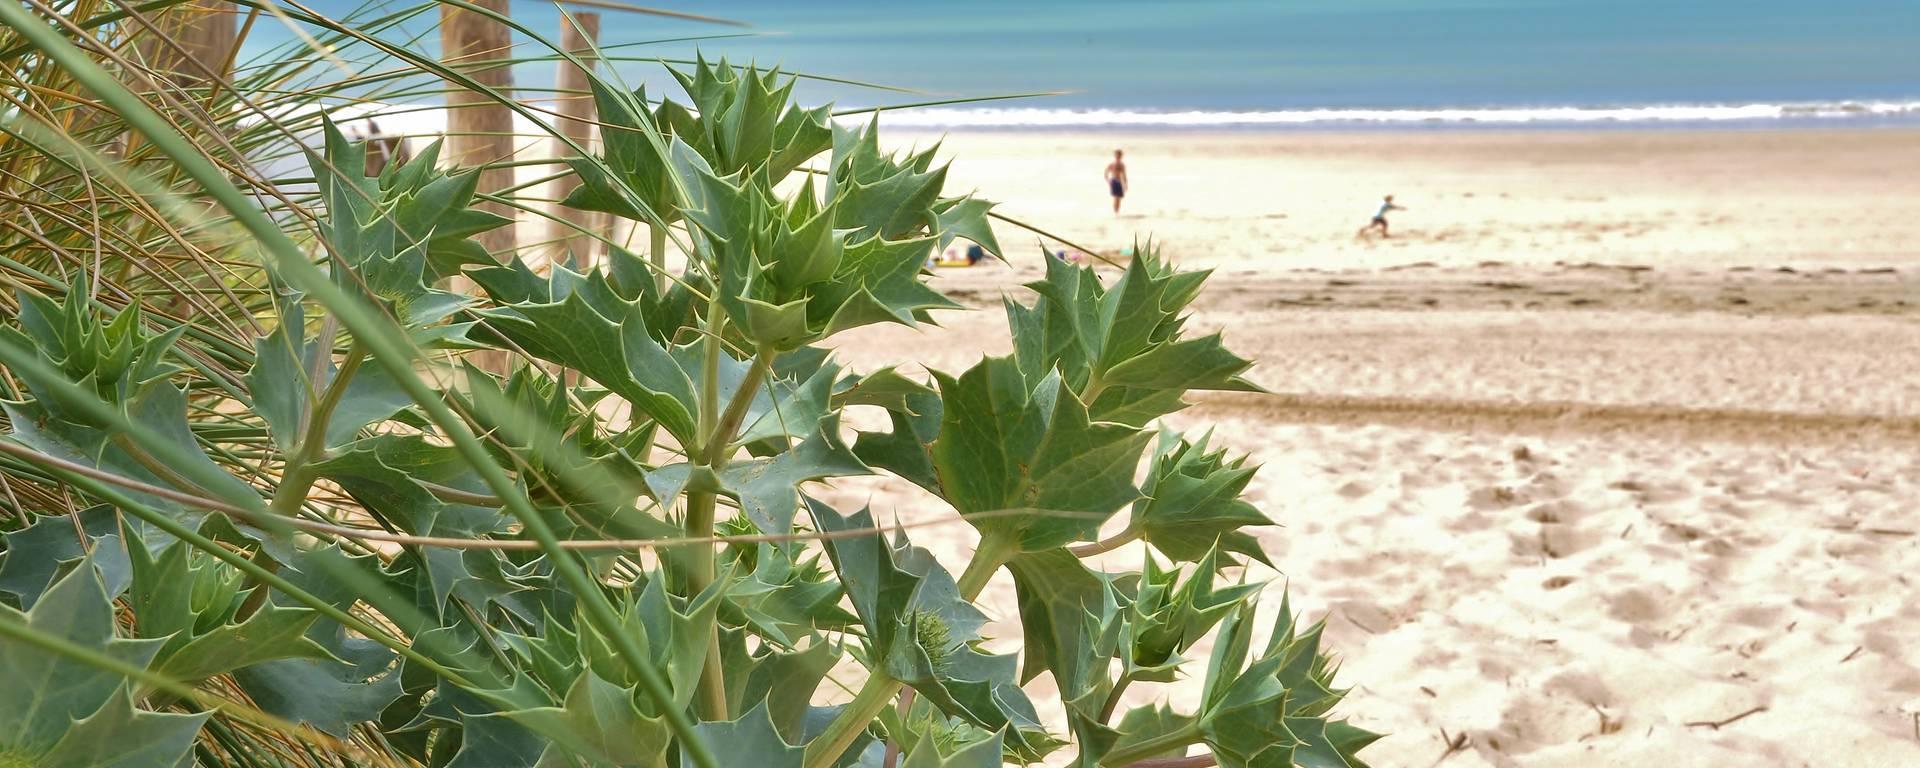 Panicaut des dunes, plante protégée photo de Bernard Collin